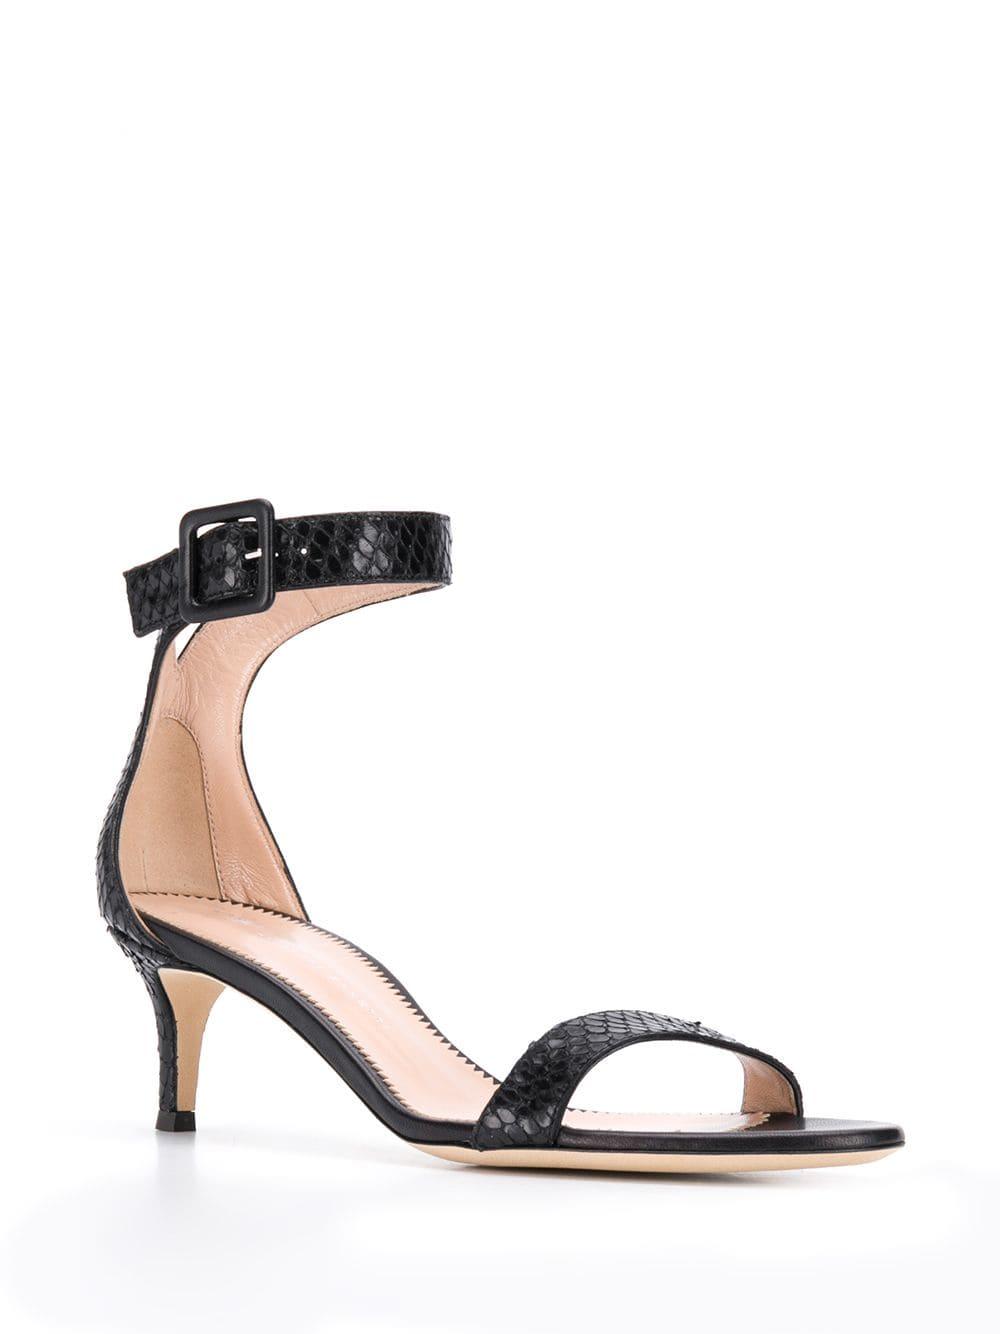 Sandalias Negro Con Tacón Piel Serpiente Motivo De Y sCtrhQxd